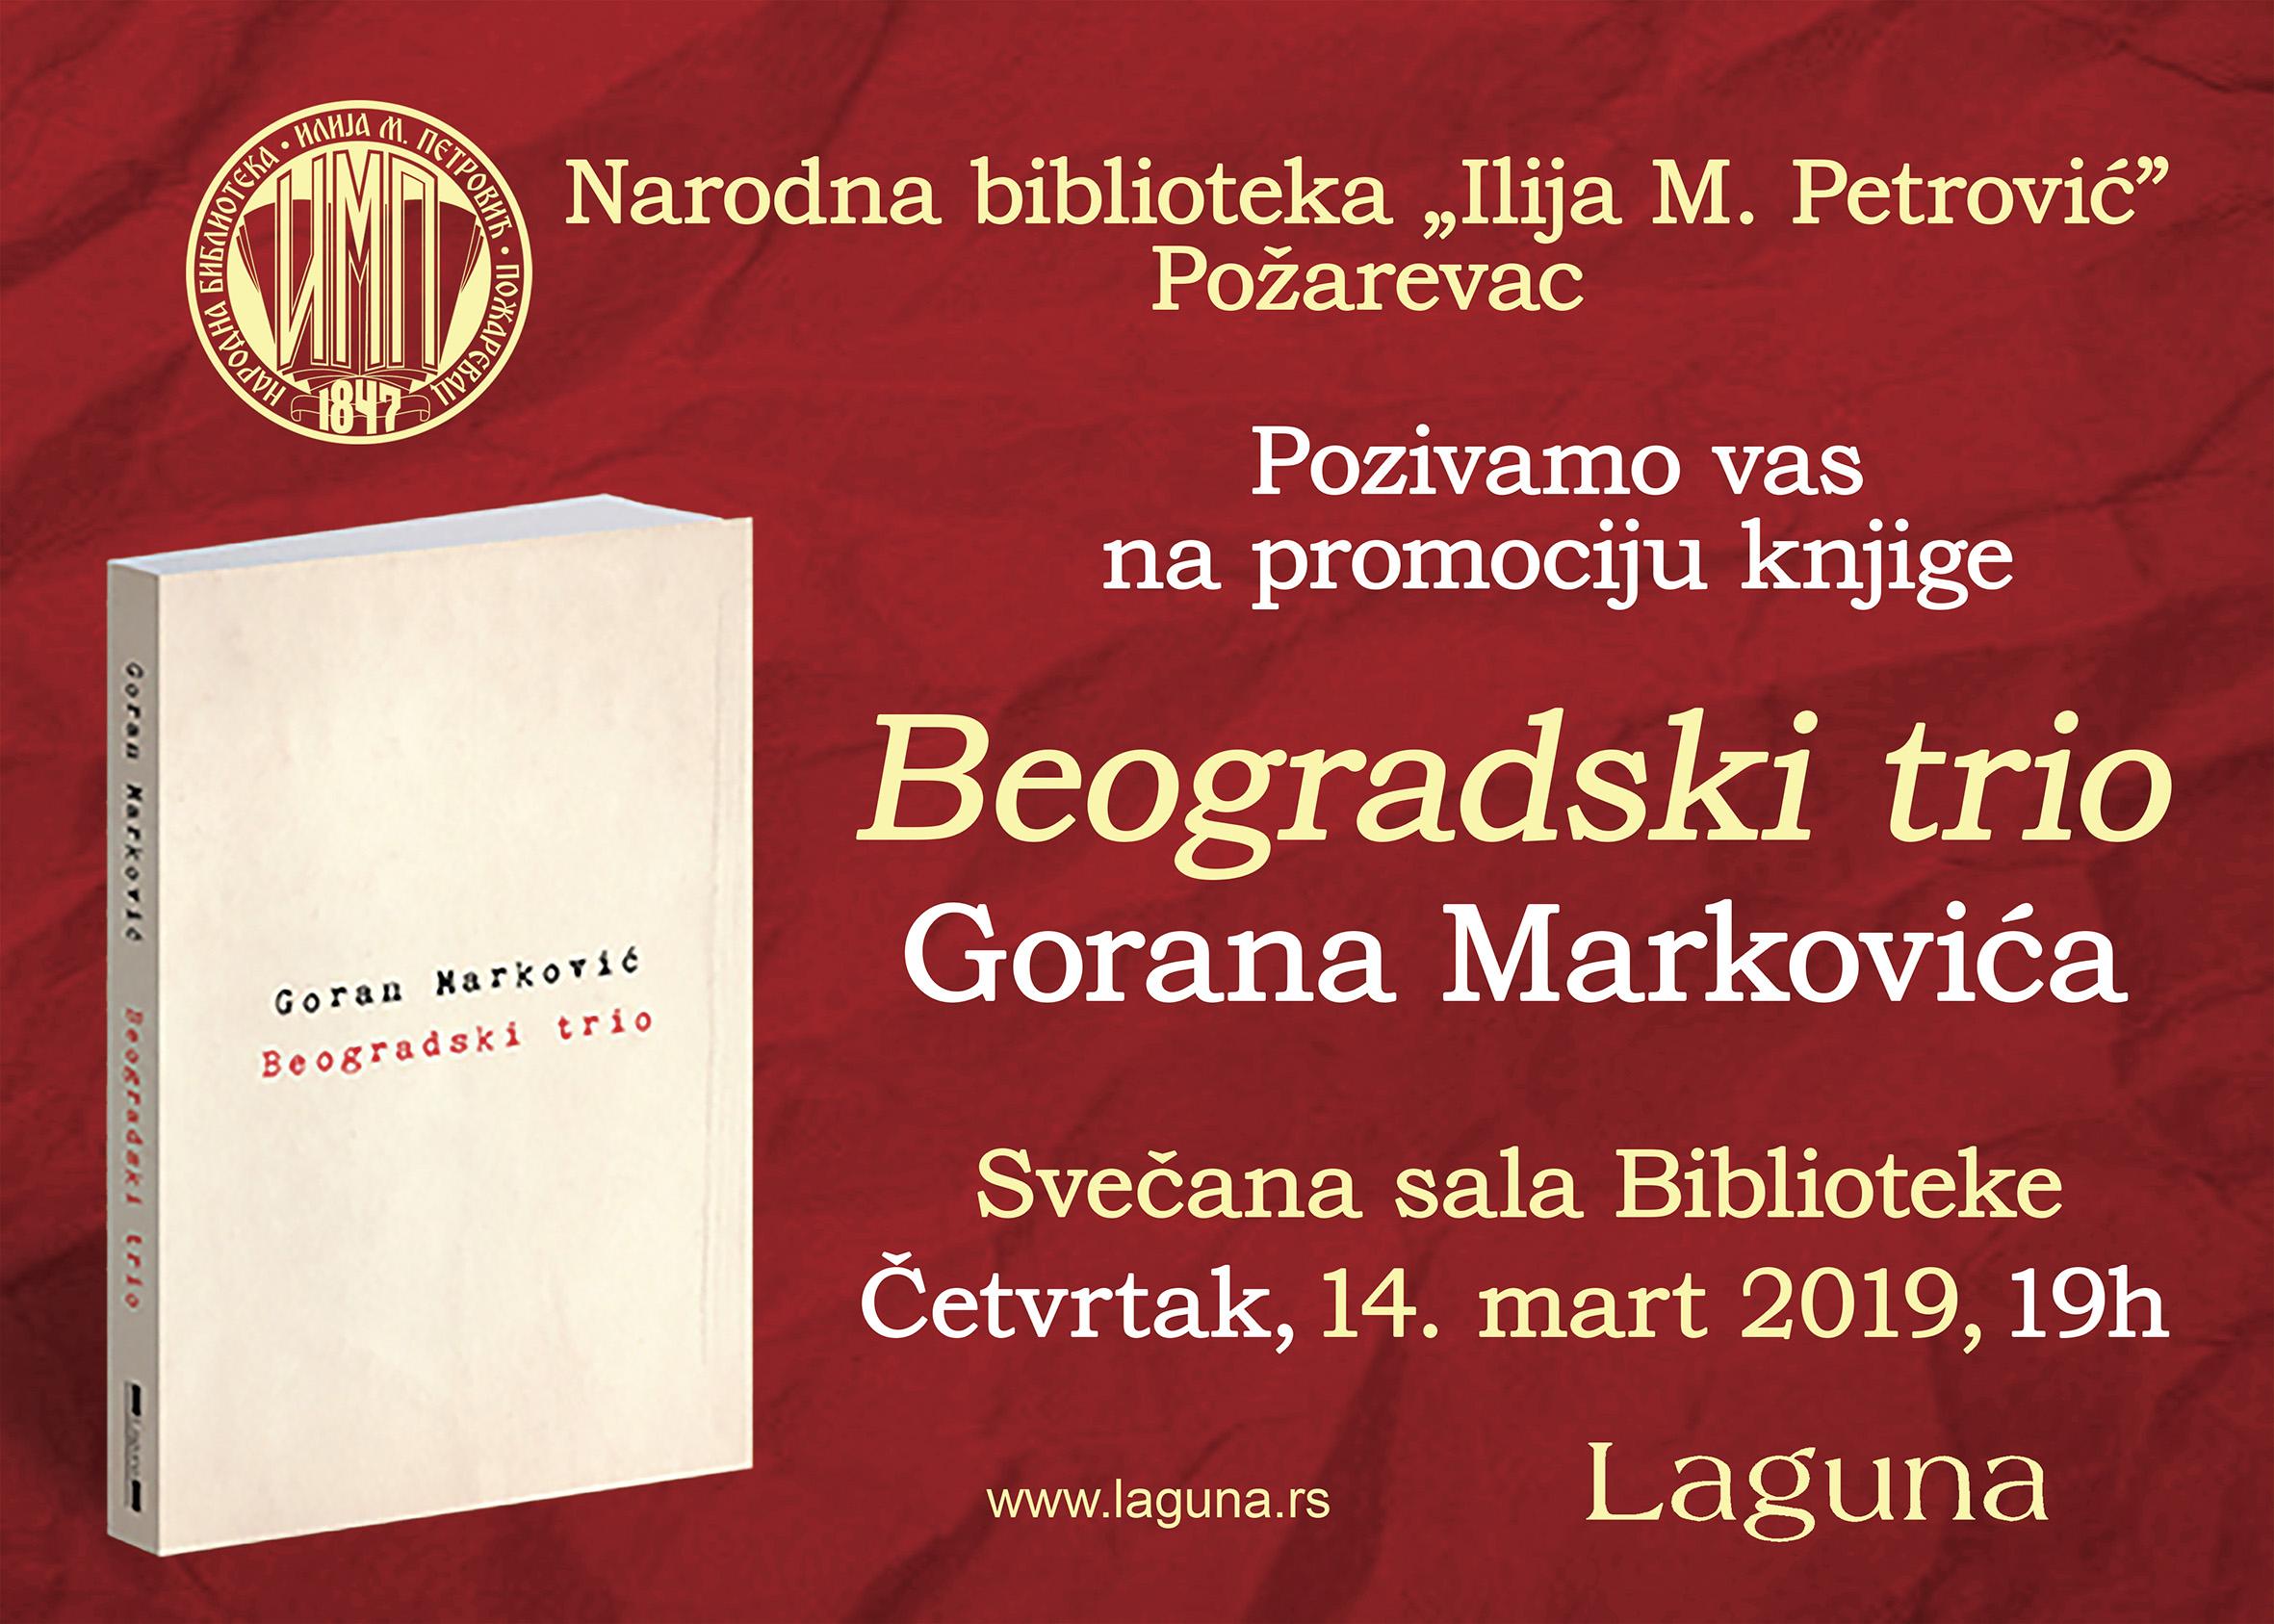 """Promocija knjige Gorana Markovića """"Beogradski trio"""" u požarevačkoj biblioteci 15888"""